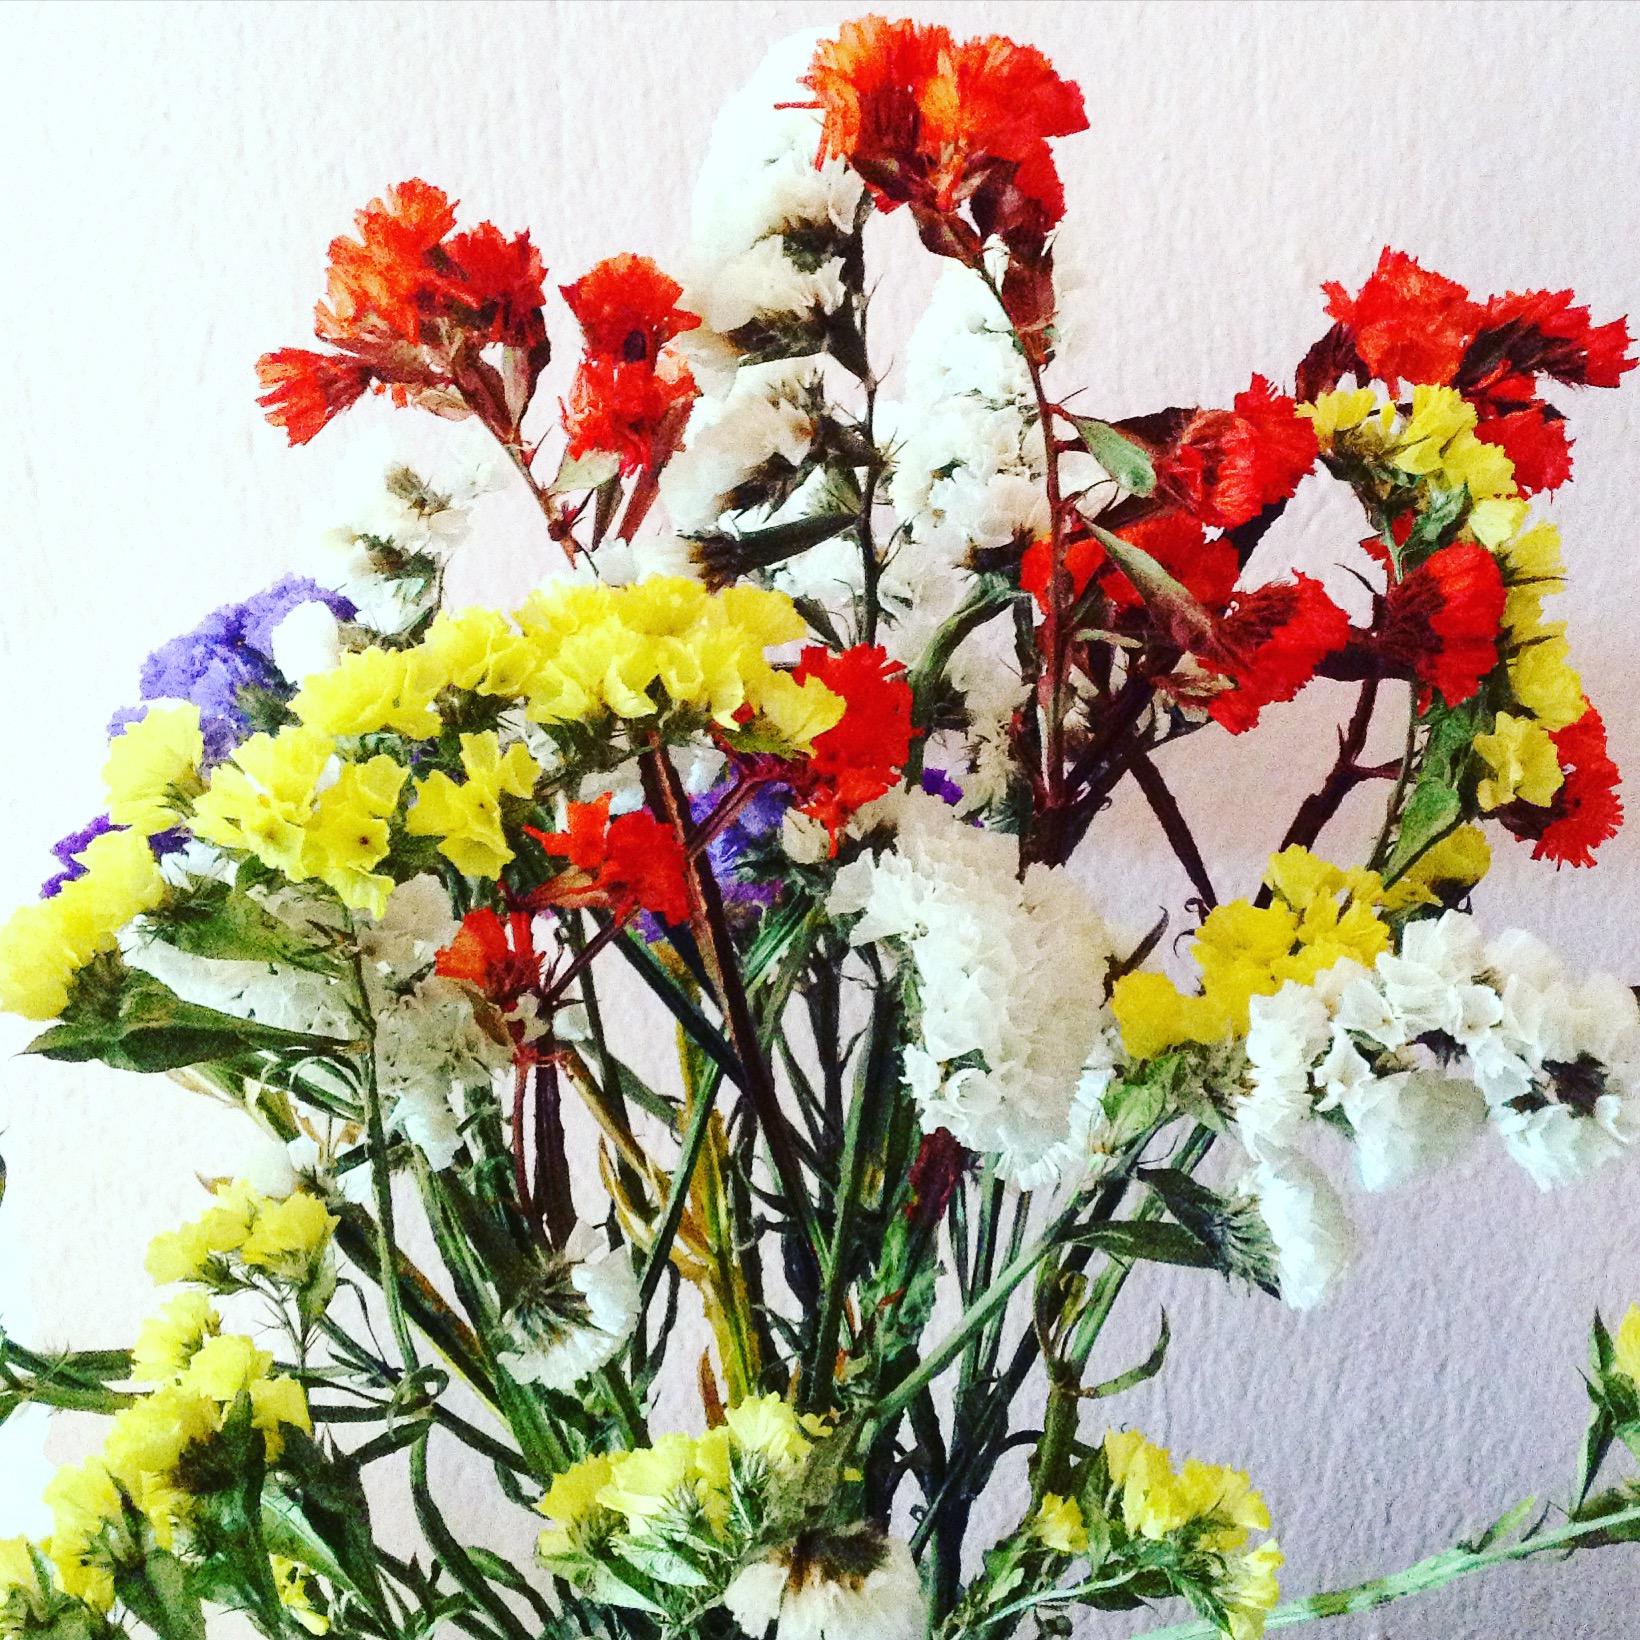 Come Seccare Le Piante l'arte dei fiori secchi – il gomitolo di birba